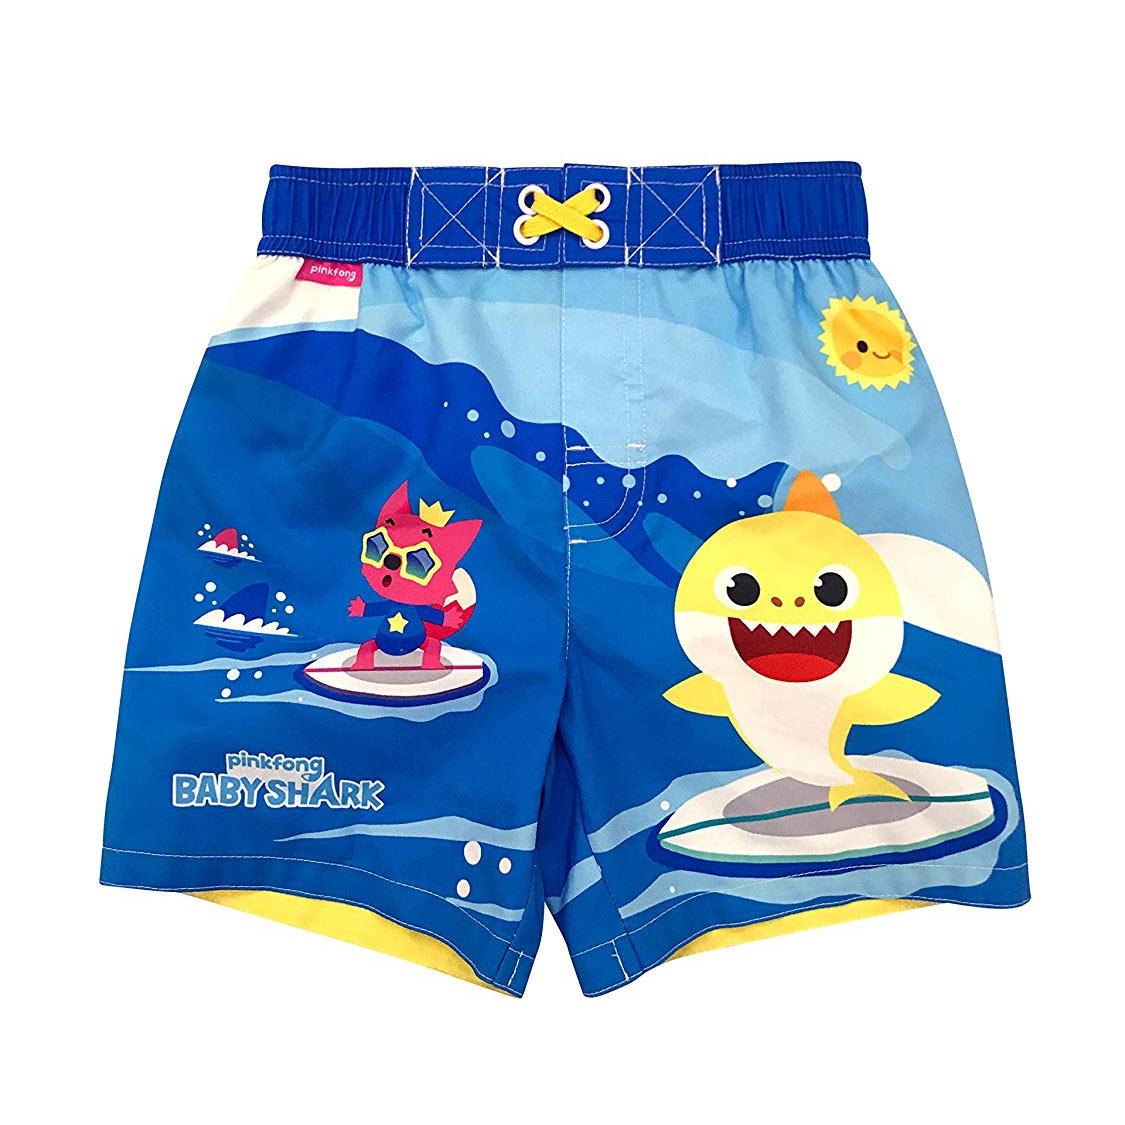 ee81ae9147 Baby Shark Toddler Swim Trunks